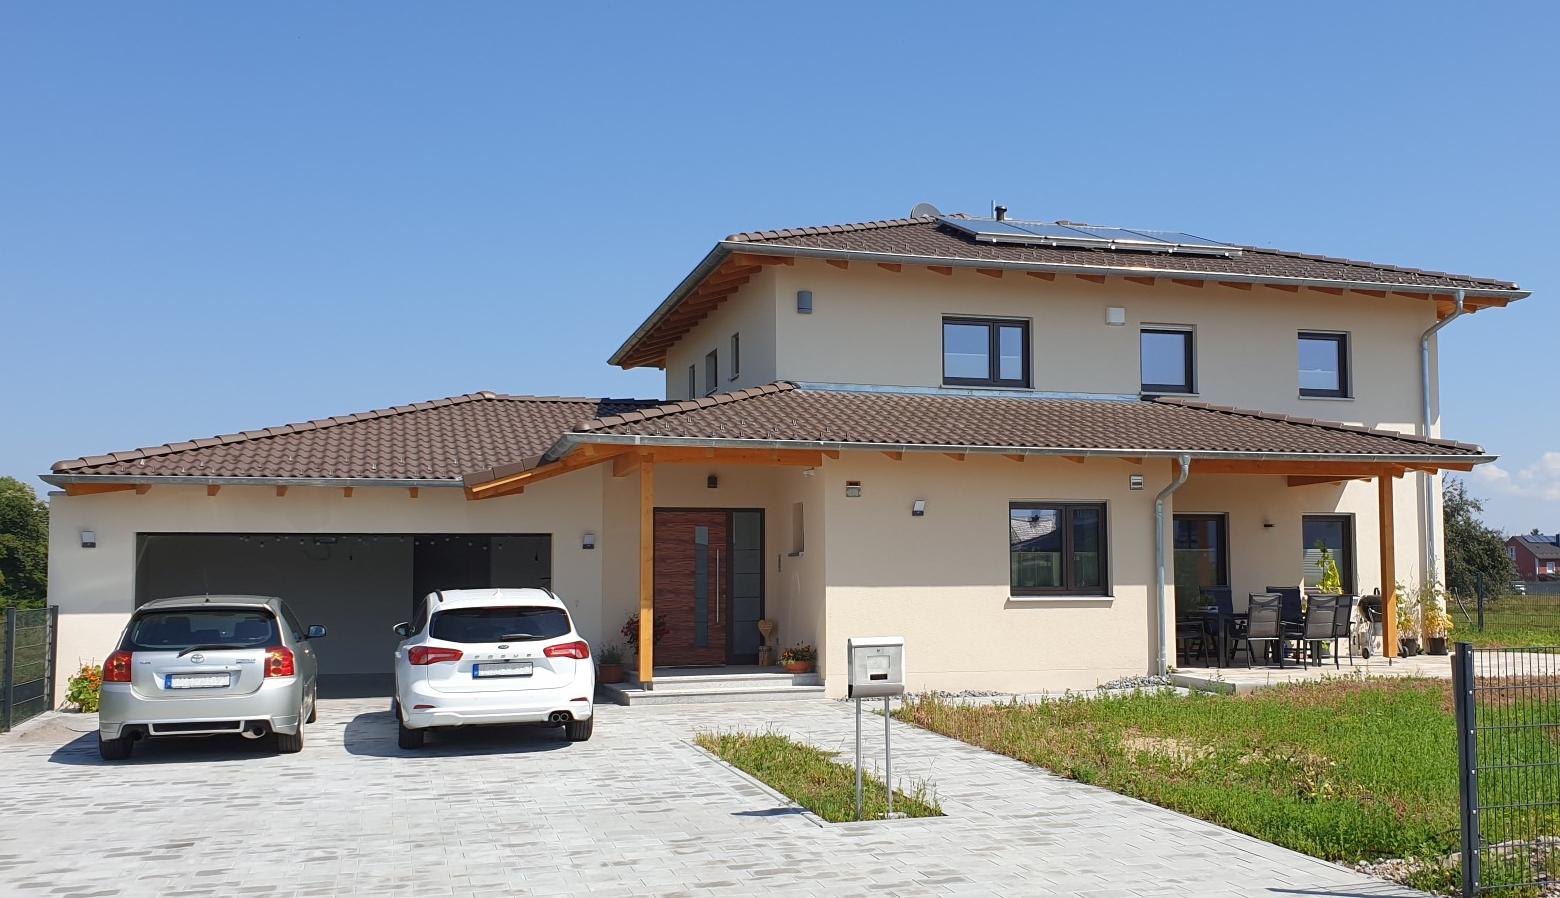 Neubau Einfamilienhaus – Einbruchmeldeanlage, mechanische Sicherungsmaßnahmen an Fenstern und Türen